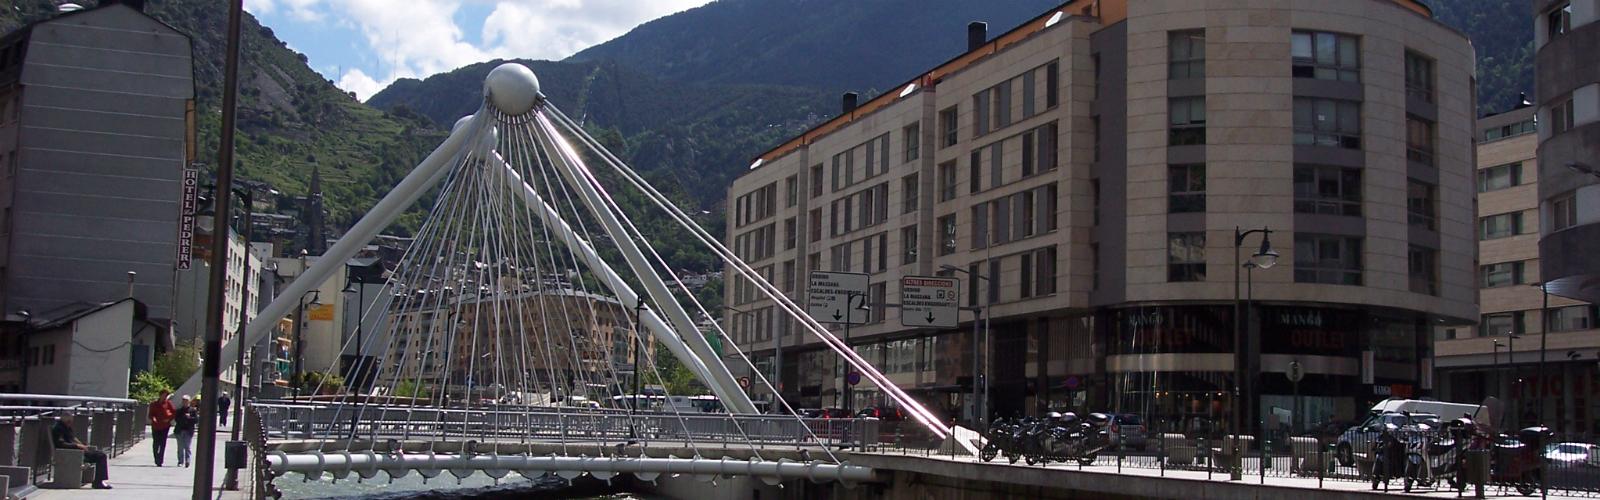 Last minute naar Andorra? Grijp je kans!